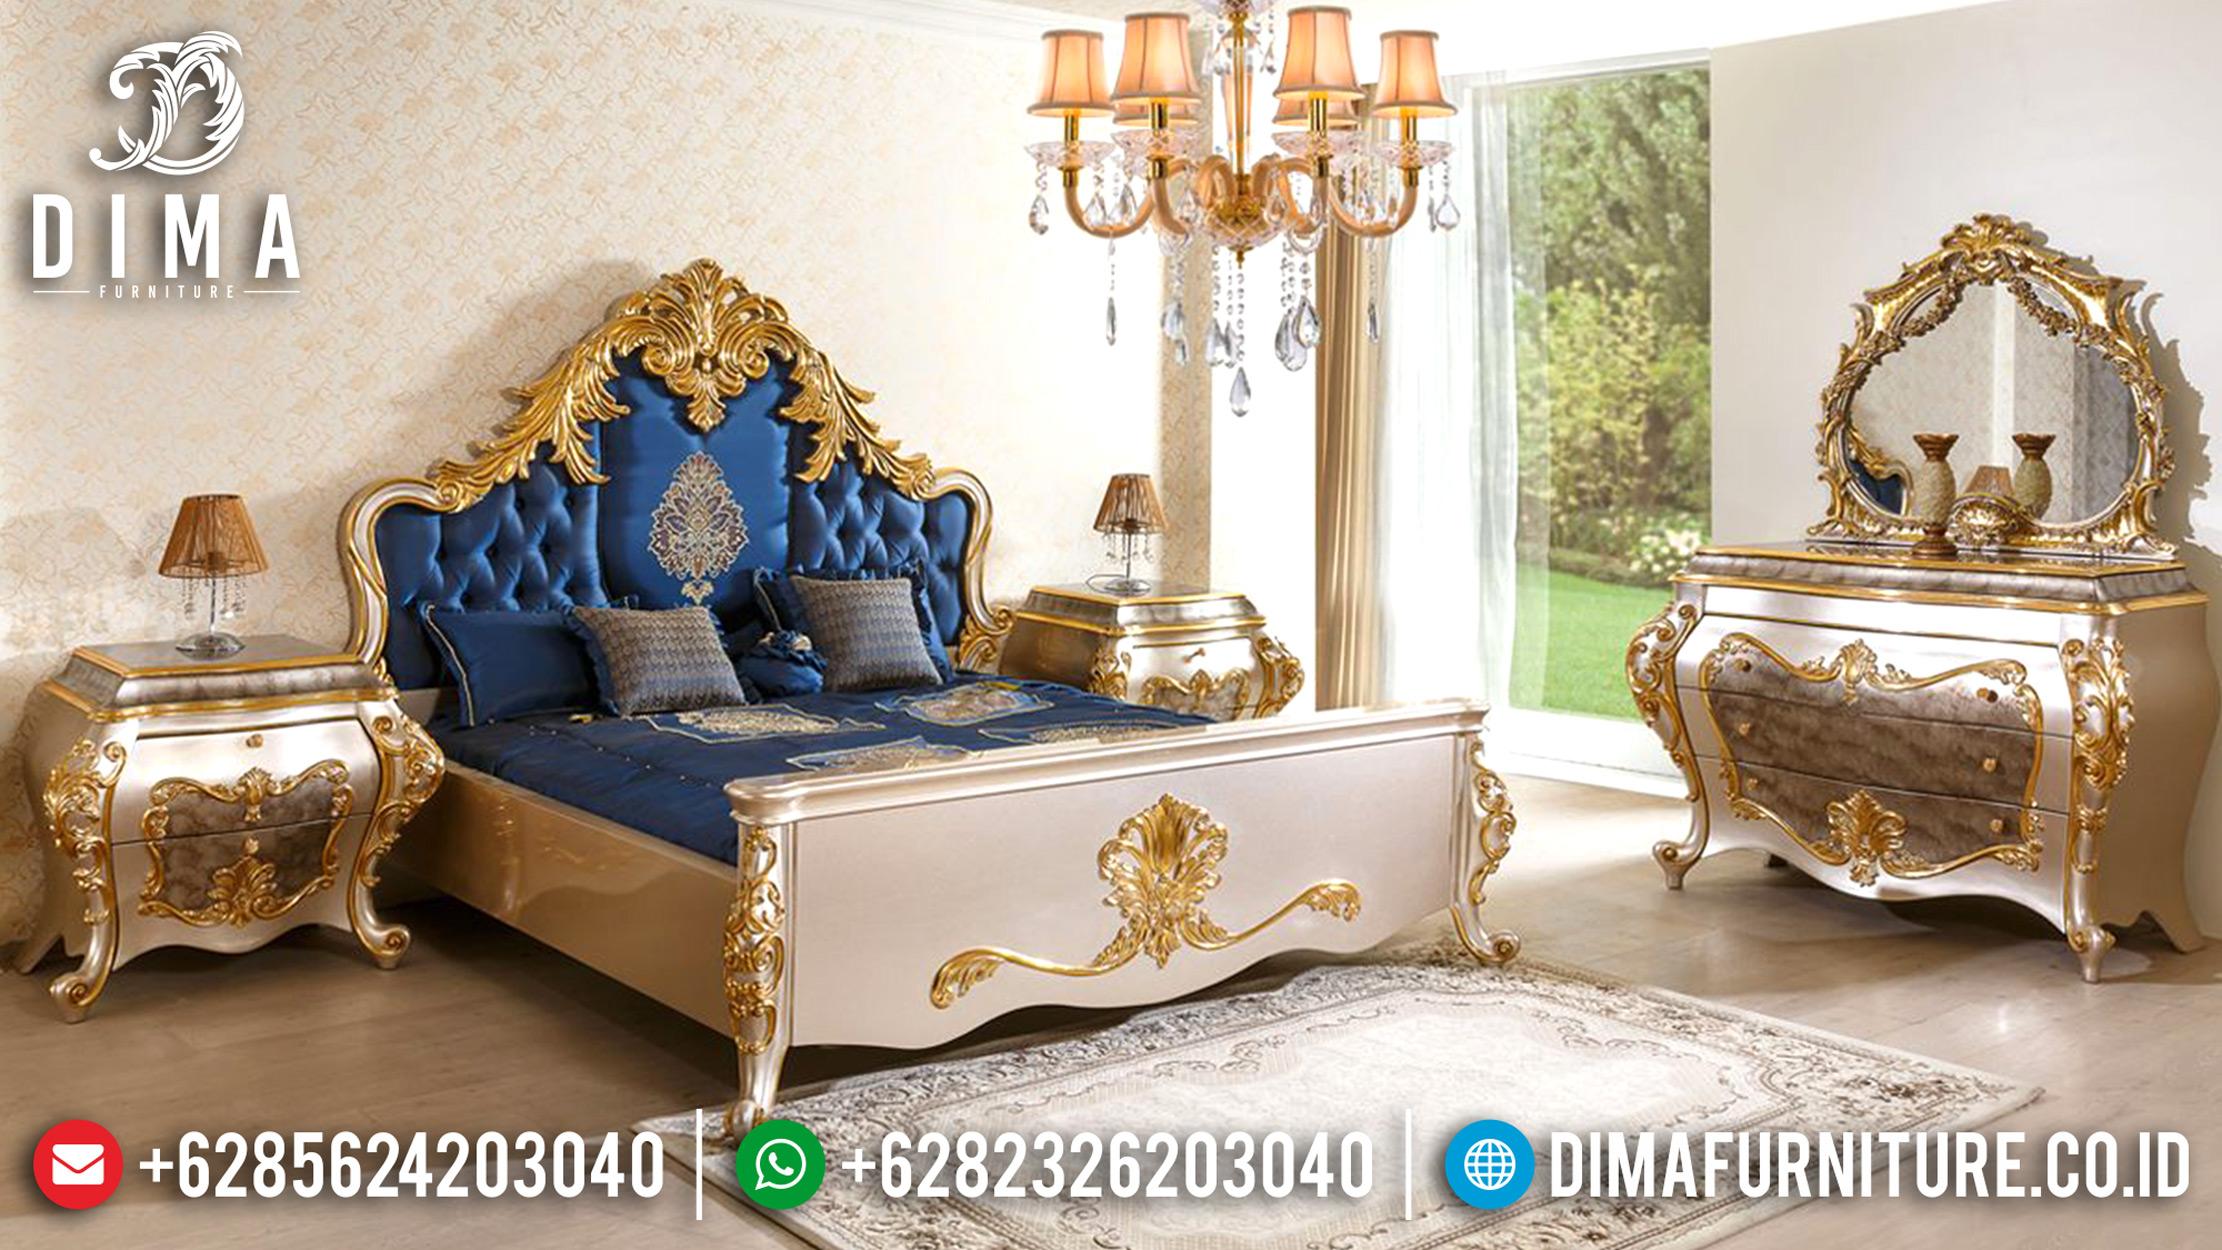 20+ Tempat Tidur Jepara Mewah Dan Minimalis Pilihan Tahun 2019 001 Dima Furniture Jepara